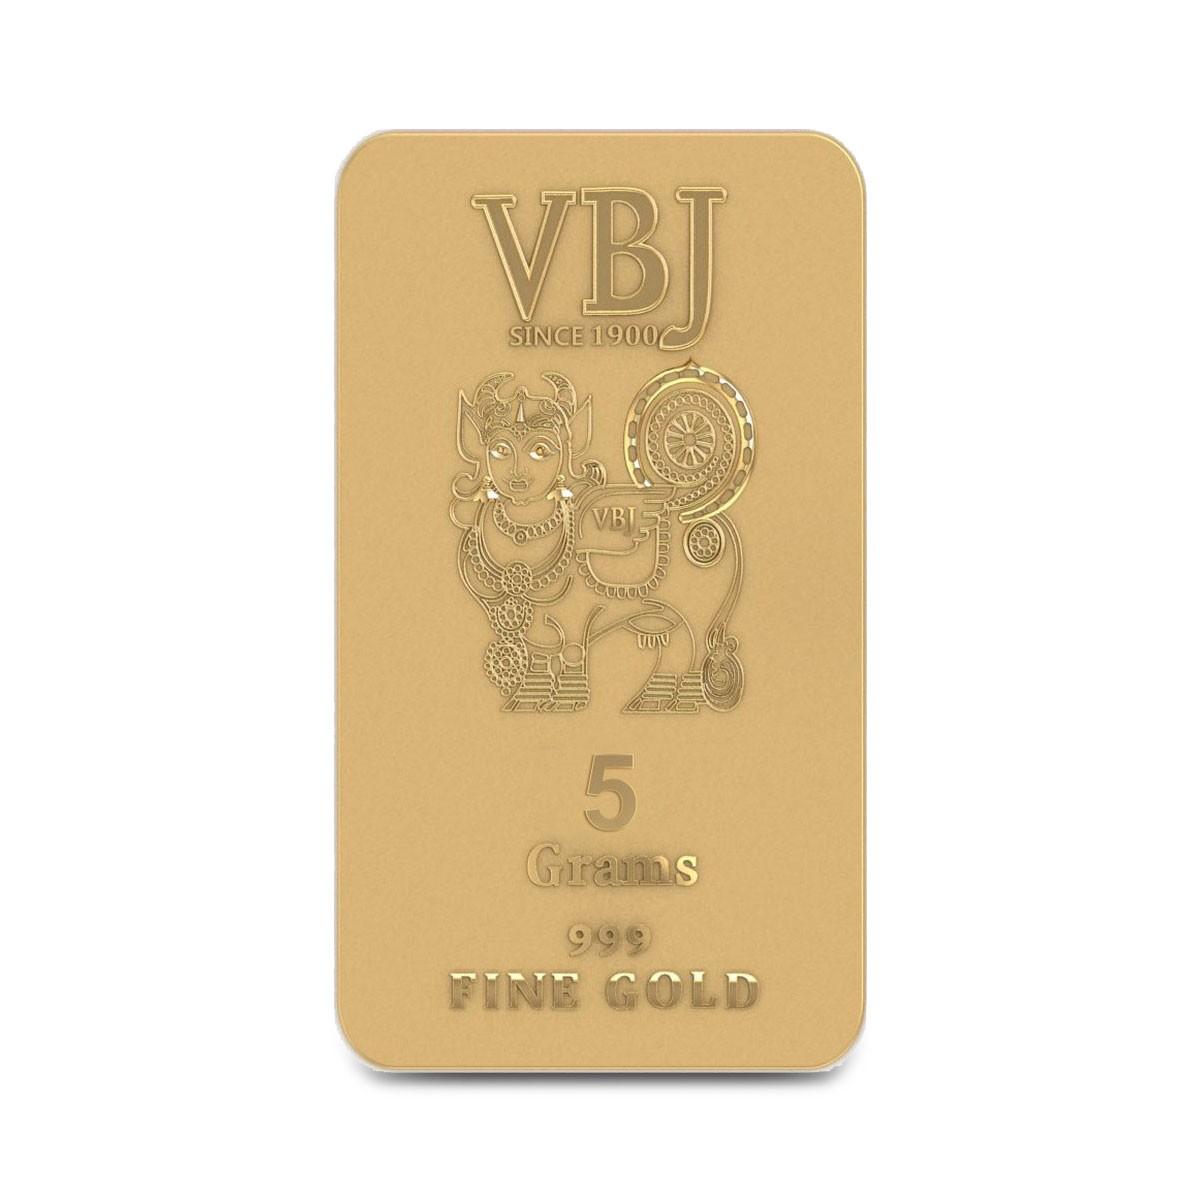 5 Gram 24Kt (999 Purity) Gold Bar